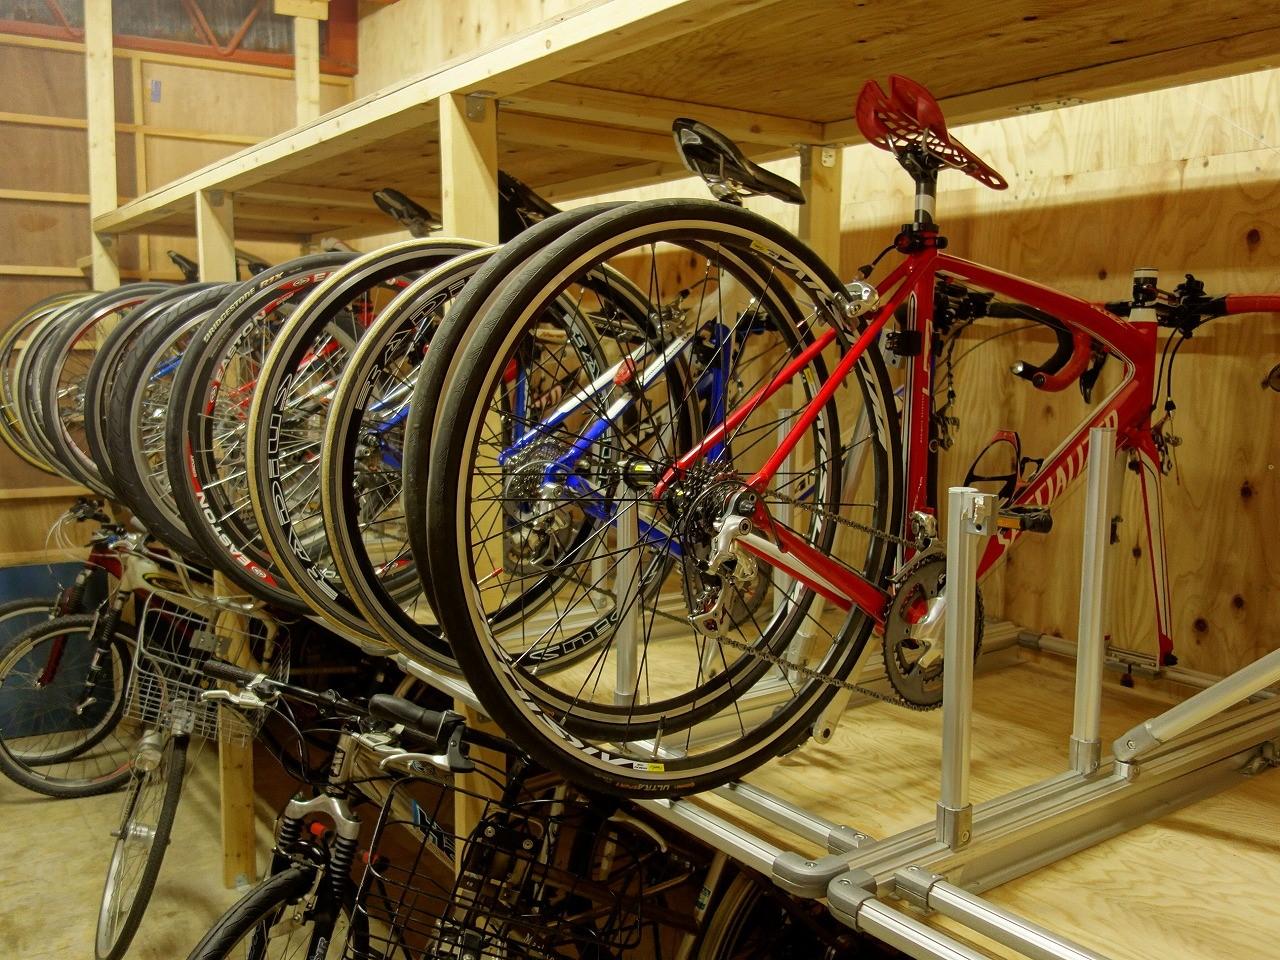 スポーツ自転車は保管場所が重要な理由